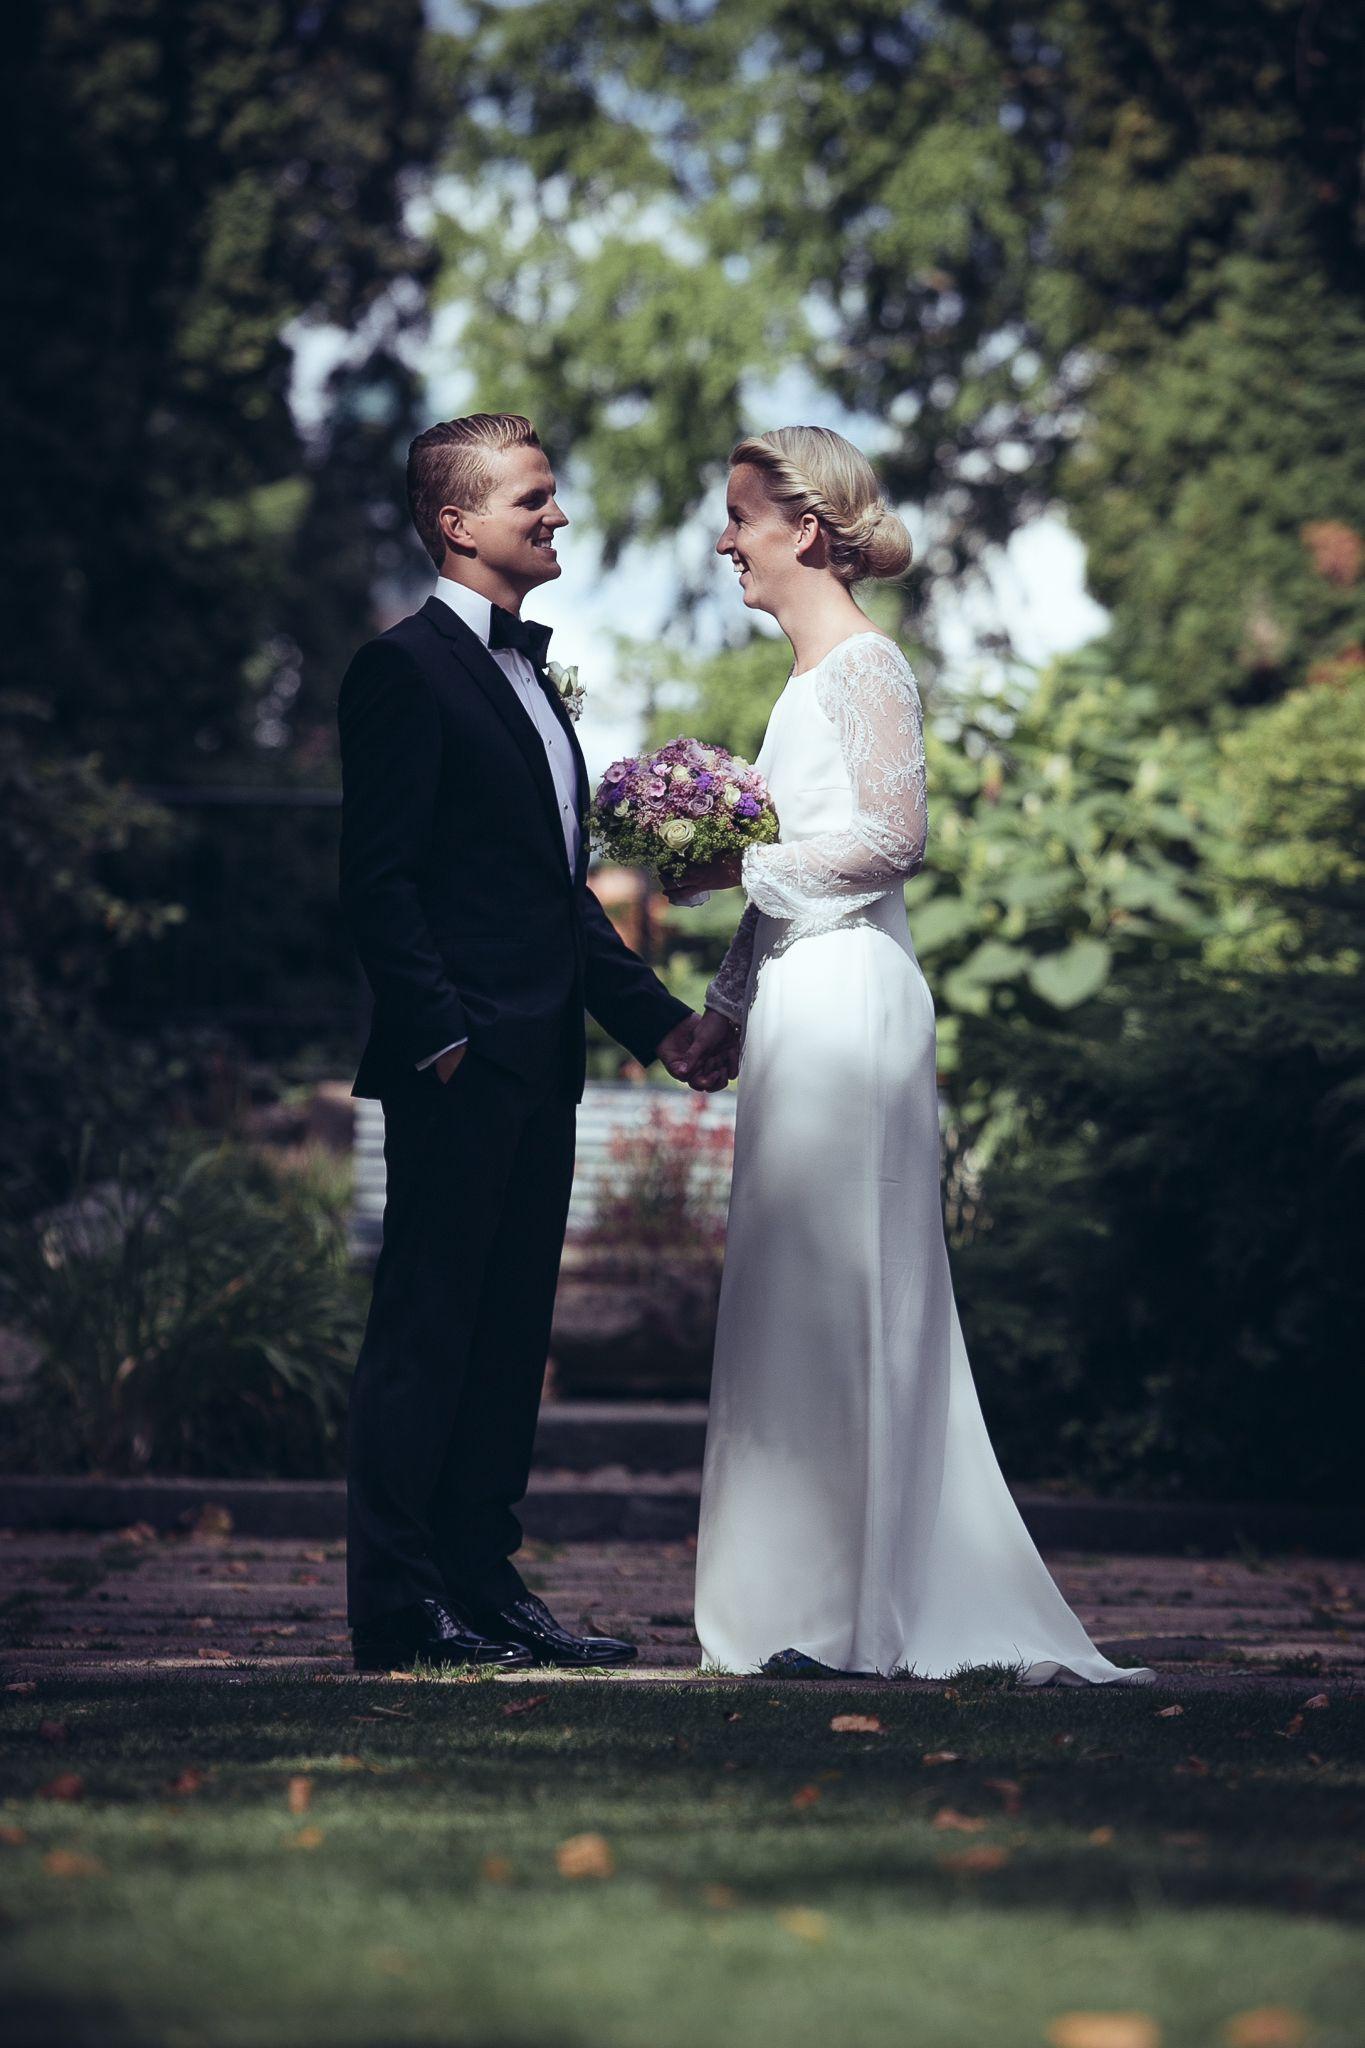 bryllupsbilleder_mads_eneqvist_41 Bryllupsbilleder